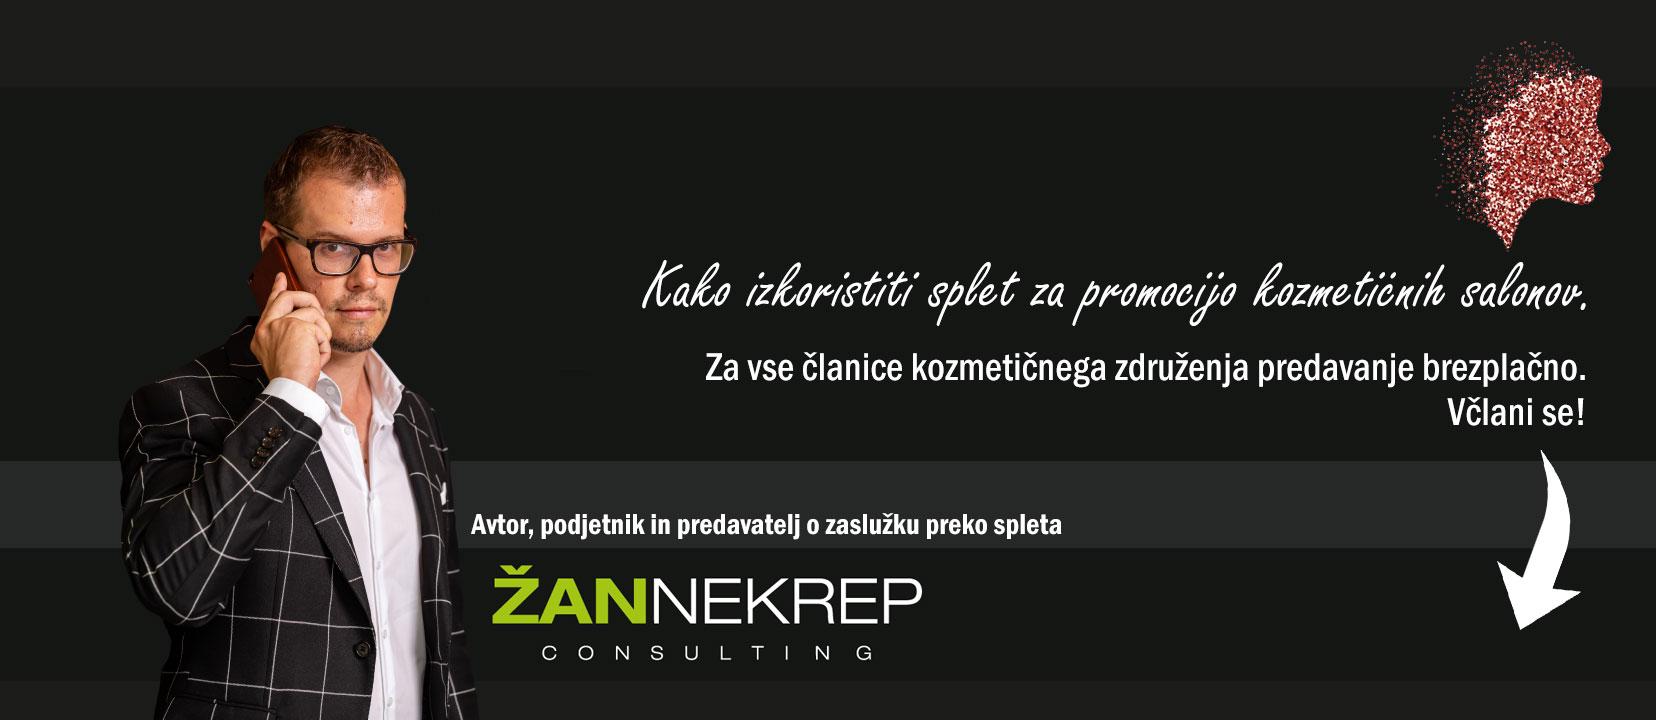 zan-nekrep-87